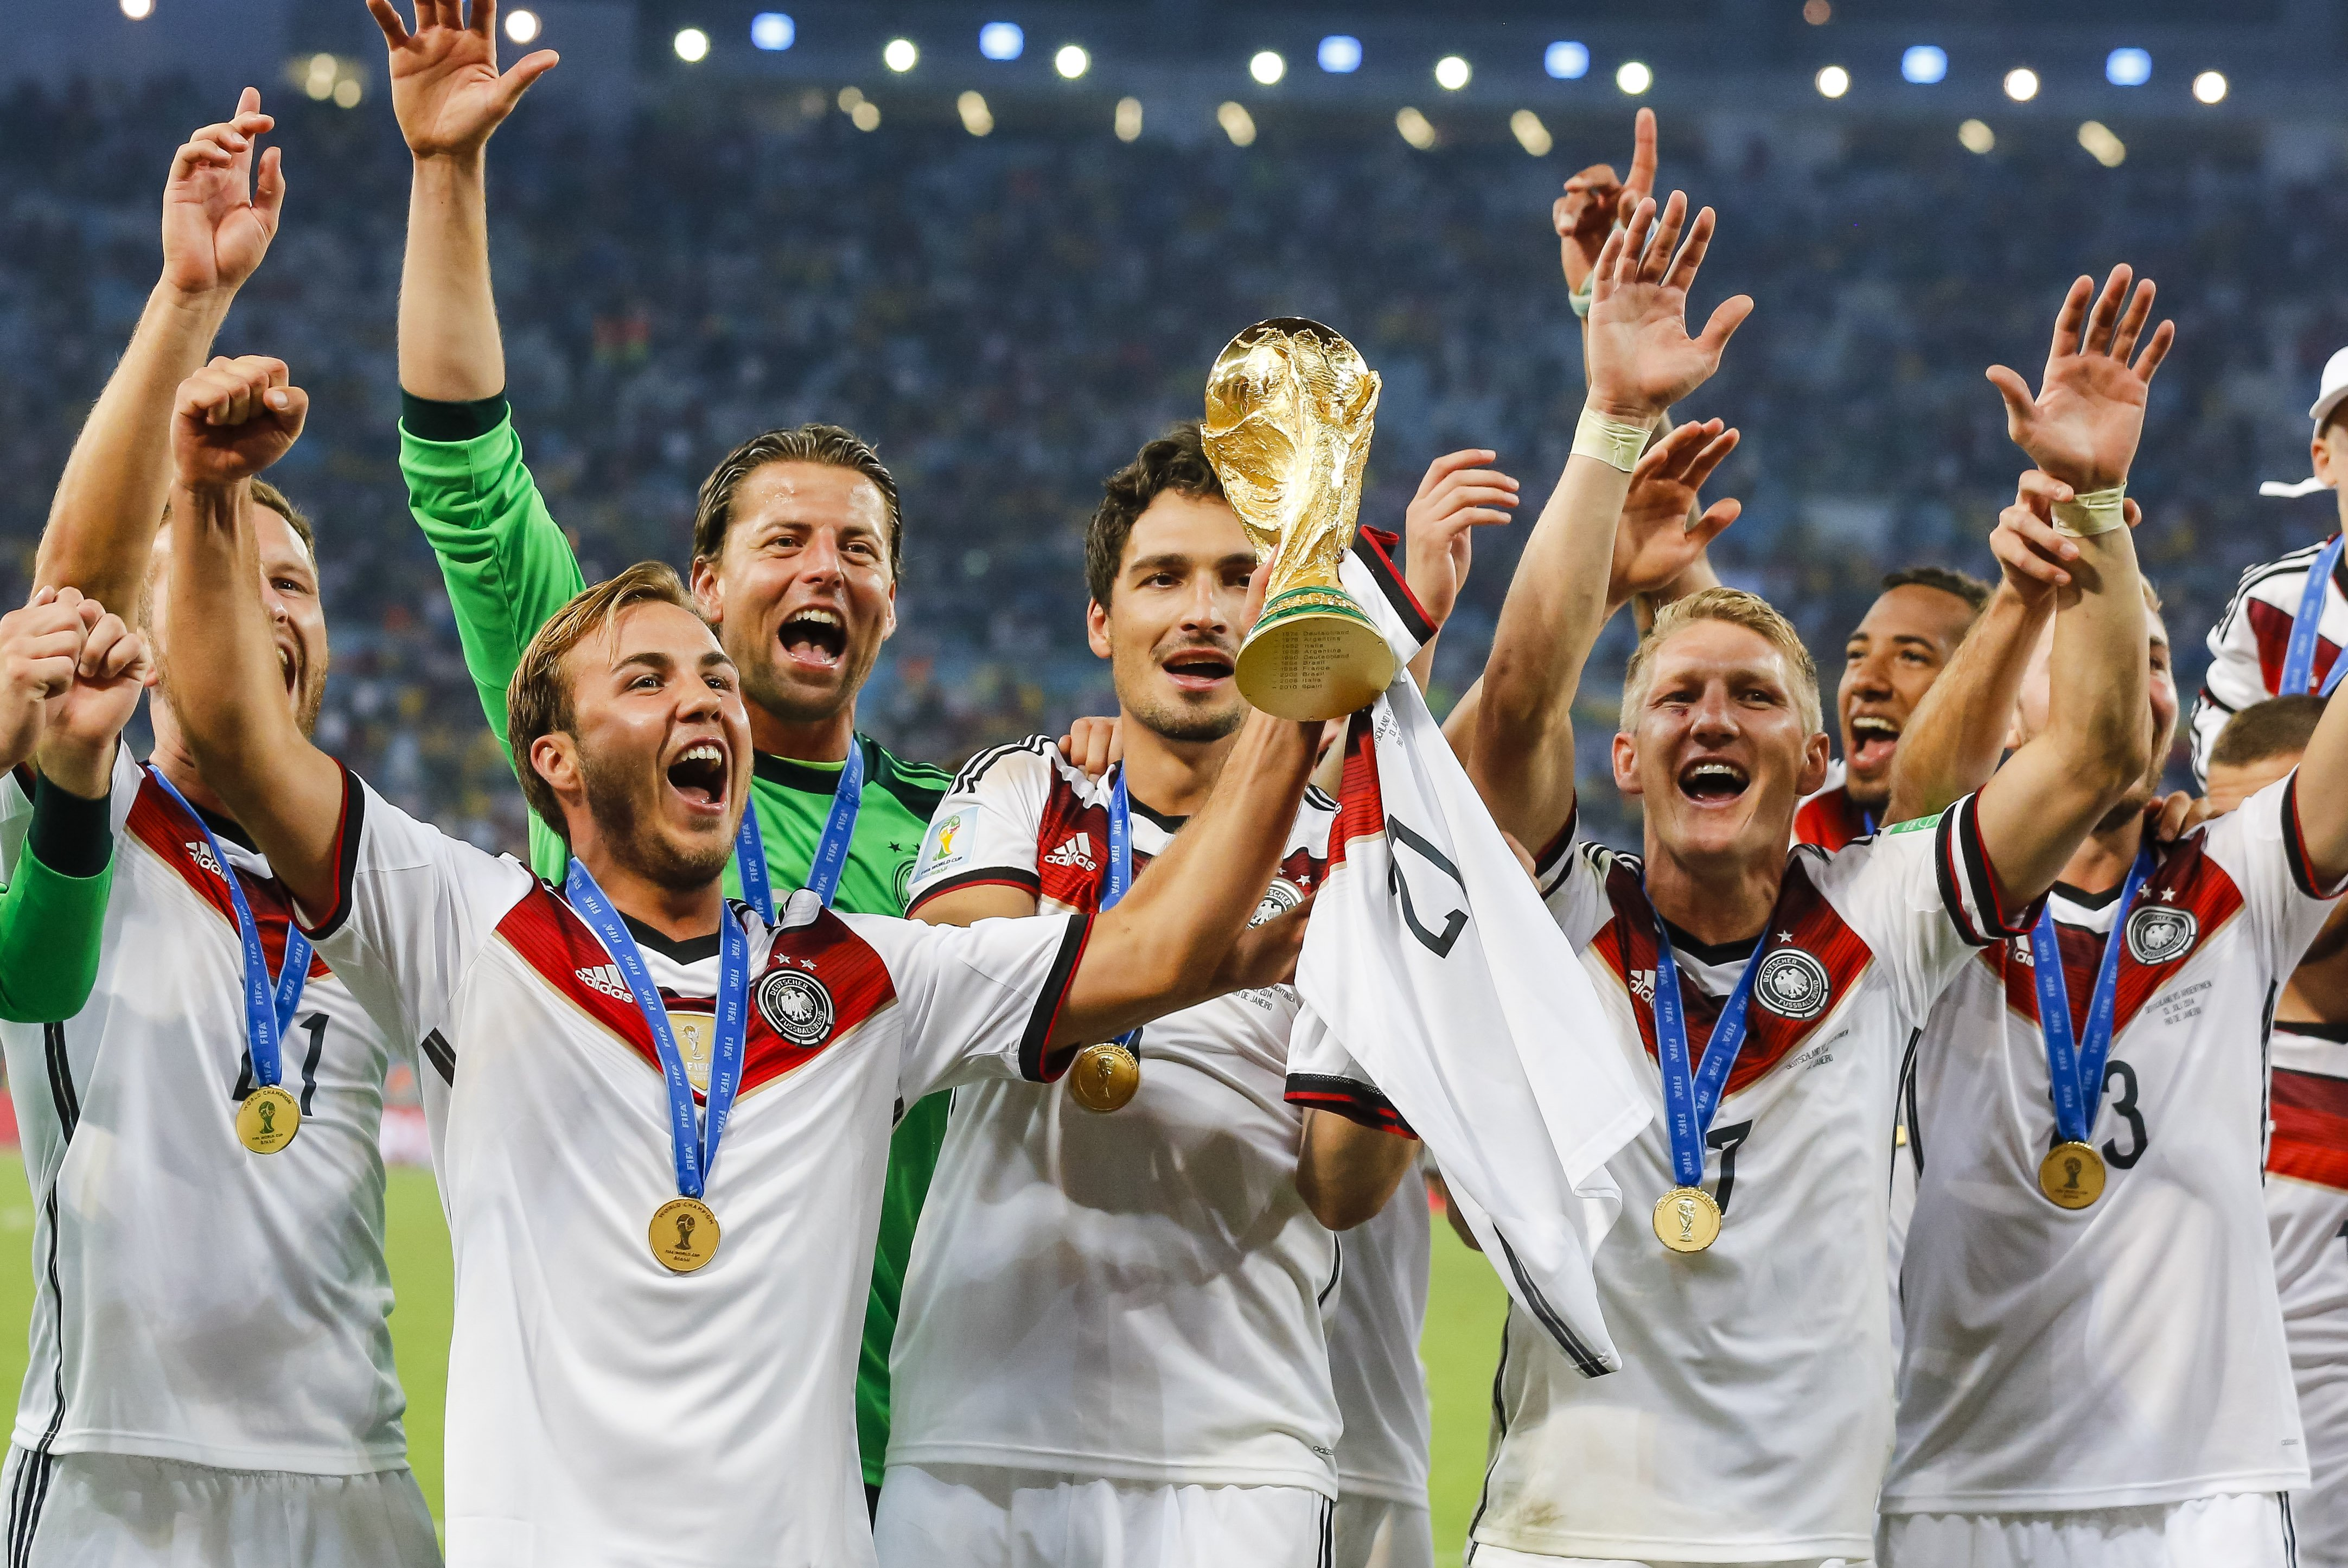 Fussball Wm 2014 Deutschland Ist Fussballweltmeister 2014